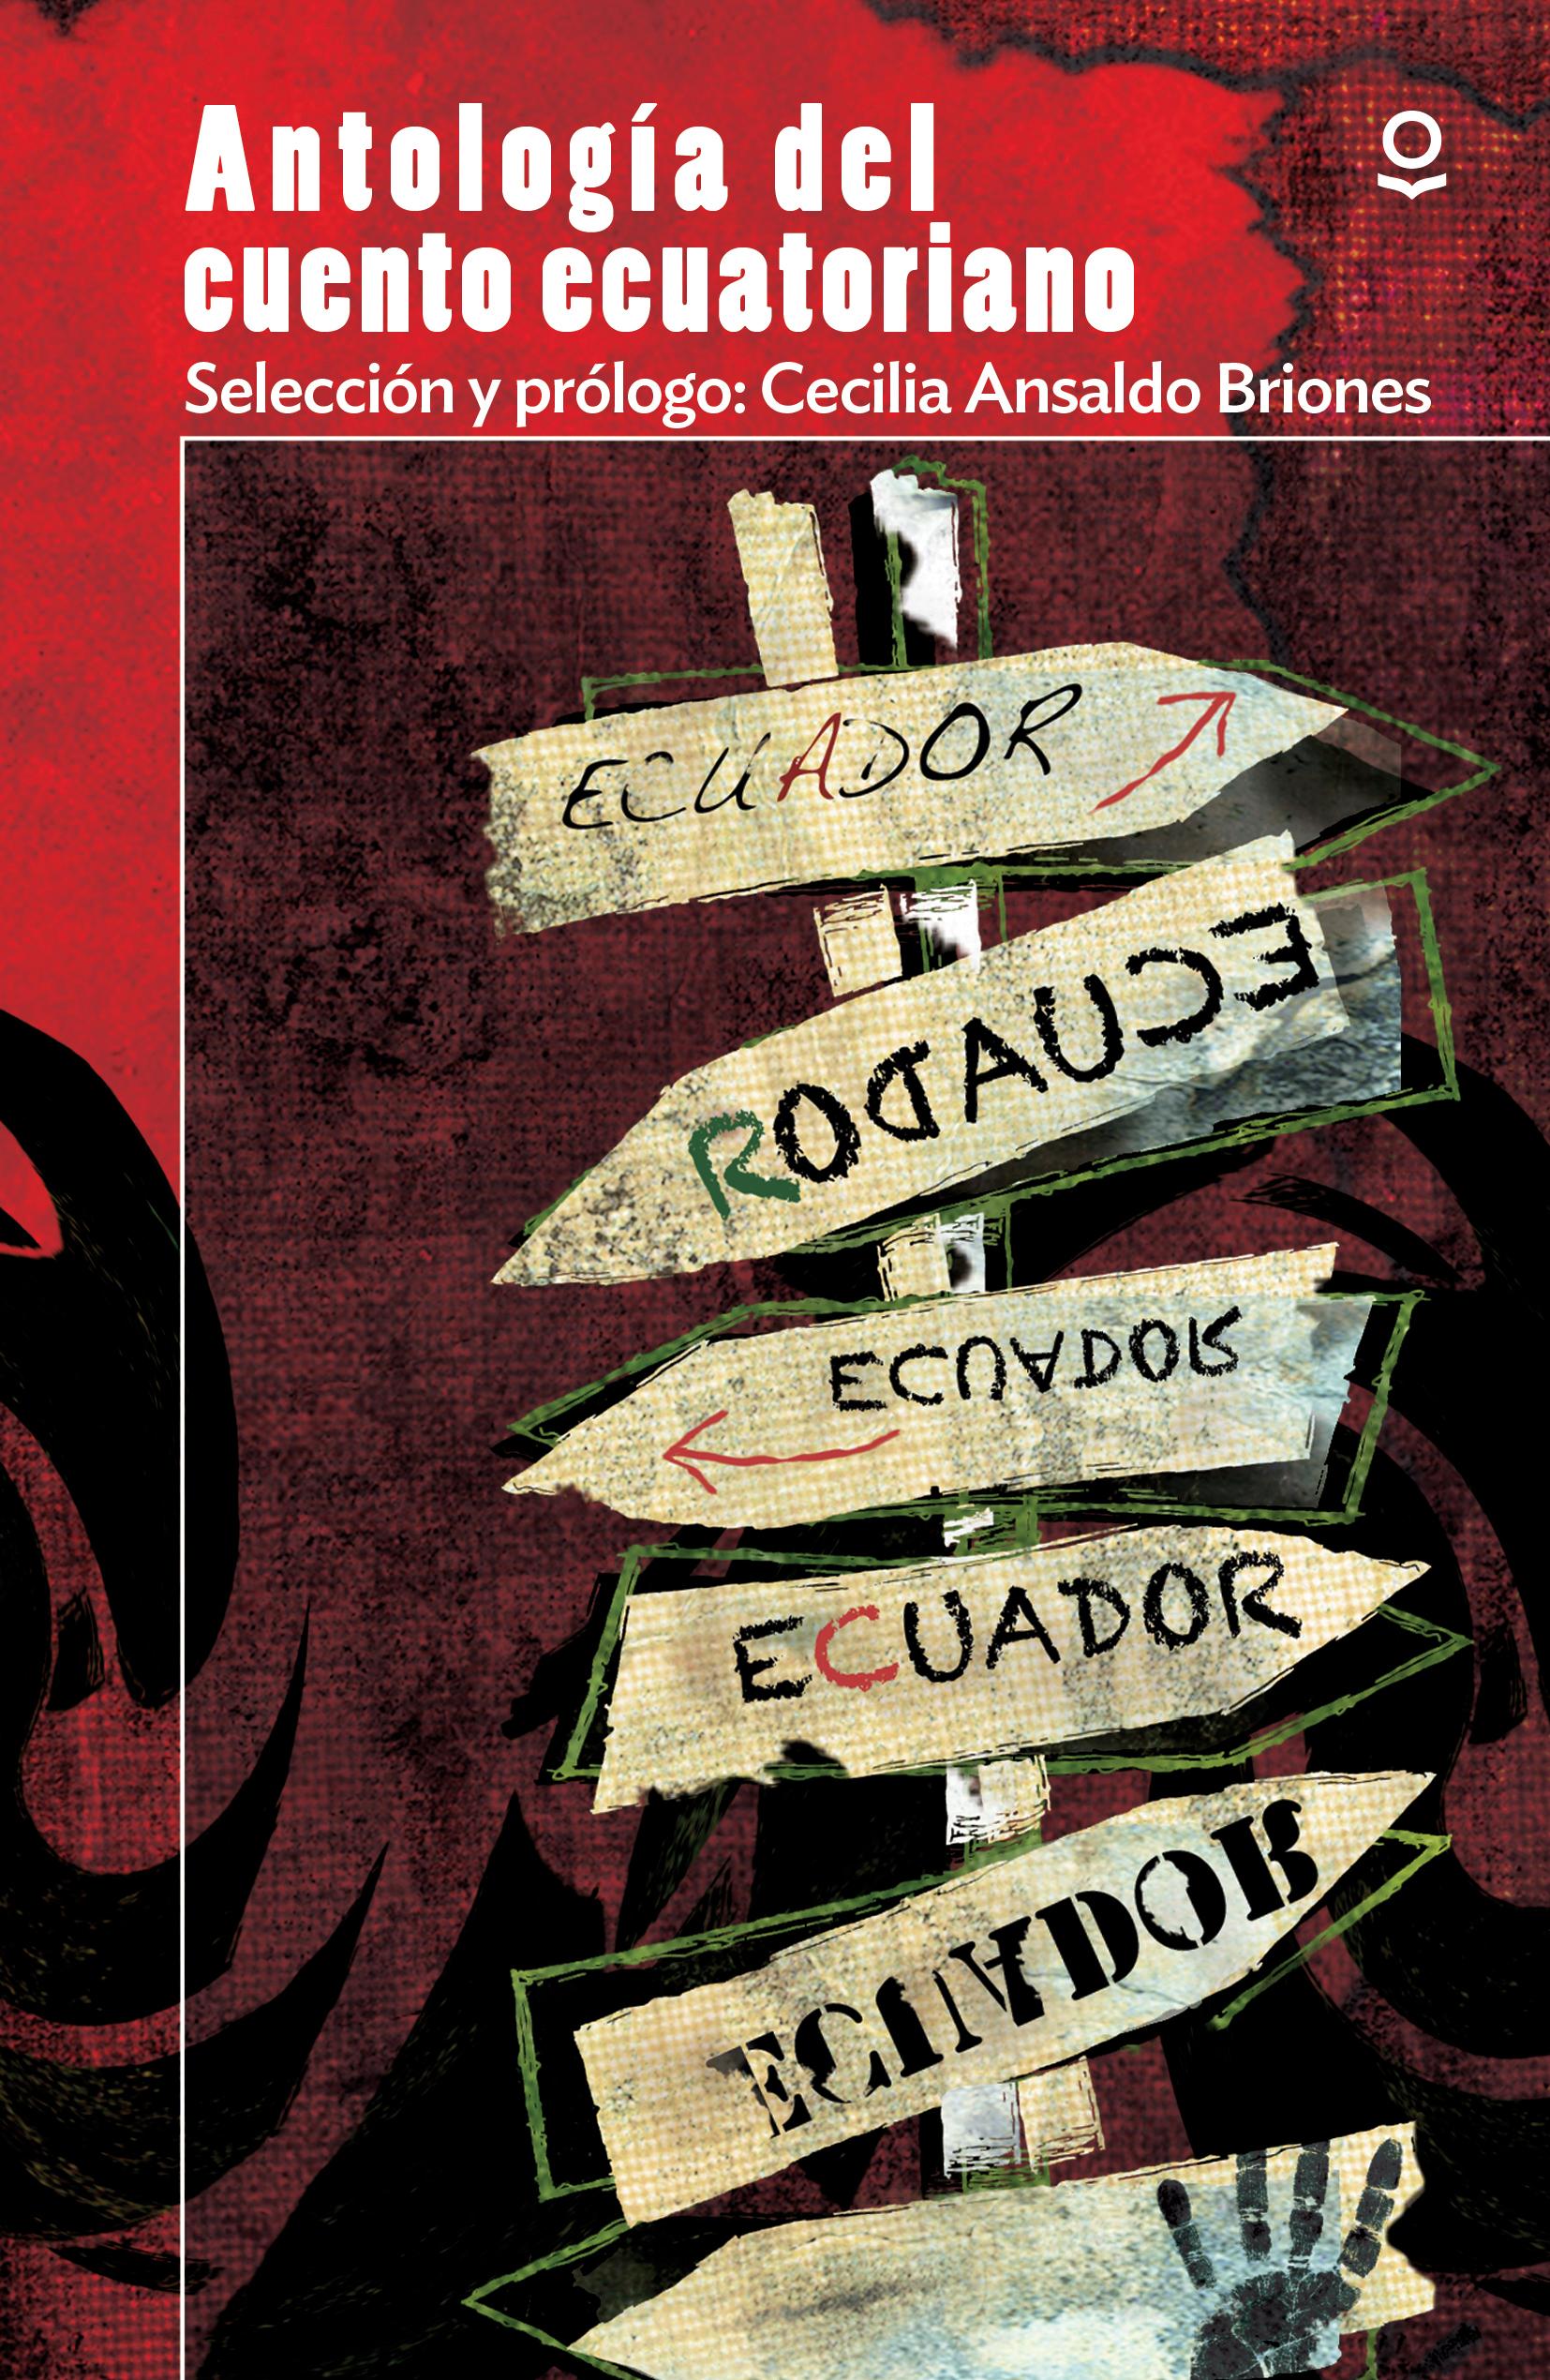 Antología del cuento ecuatoriano